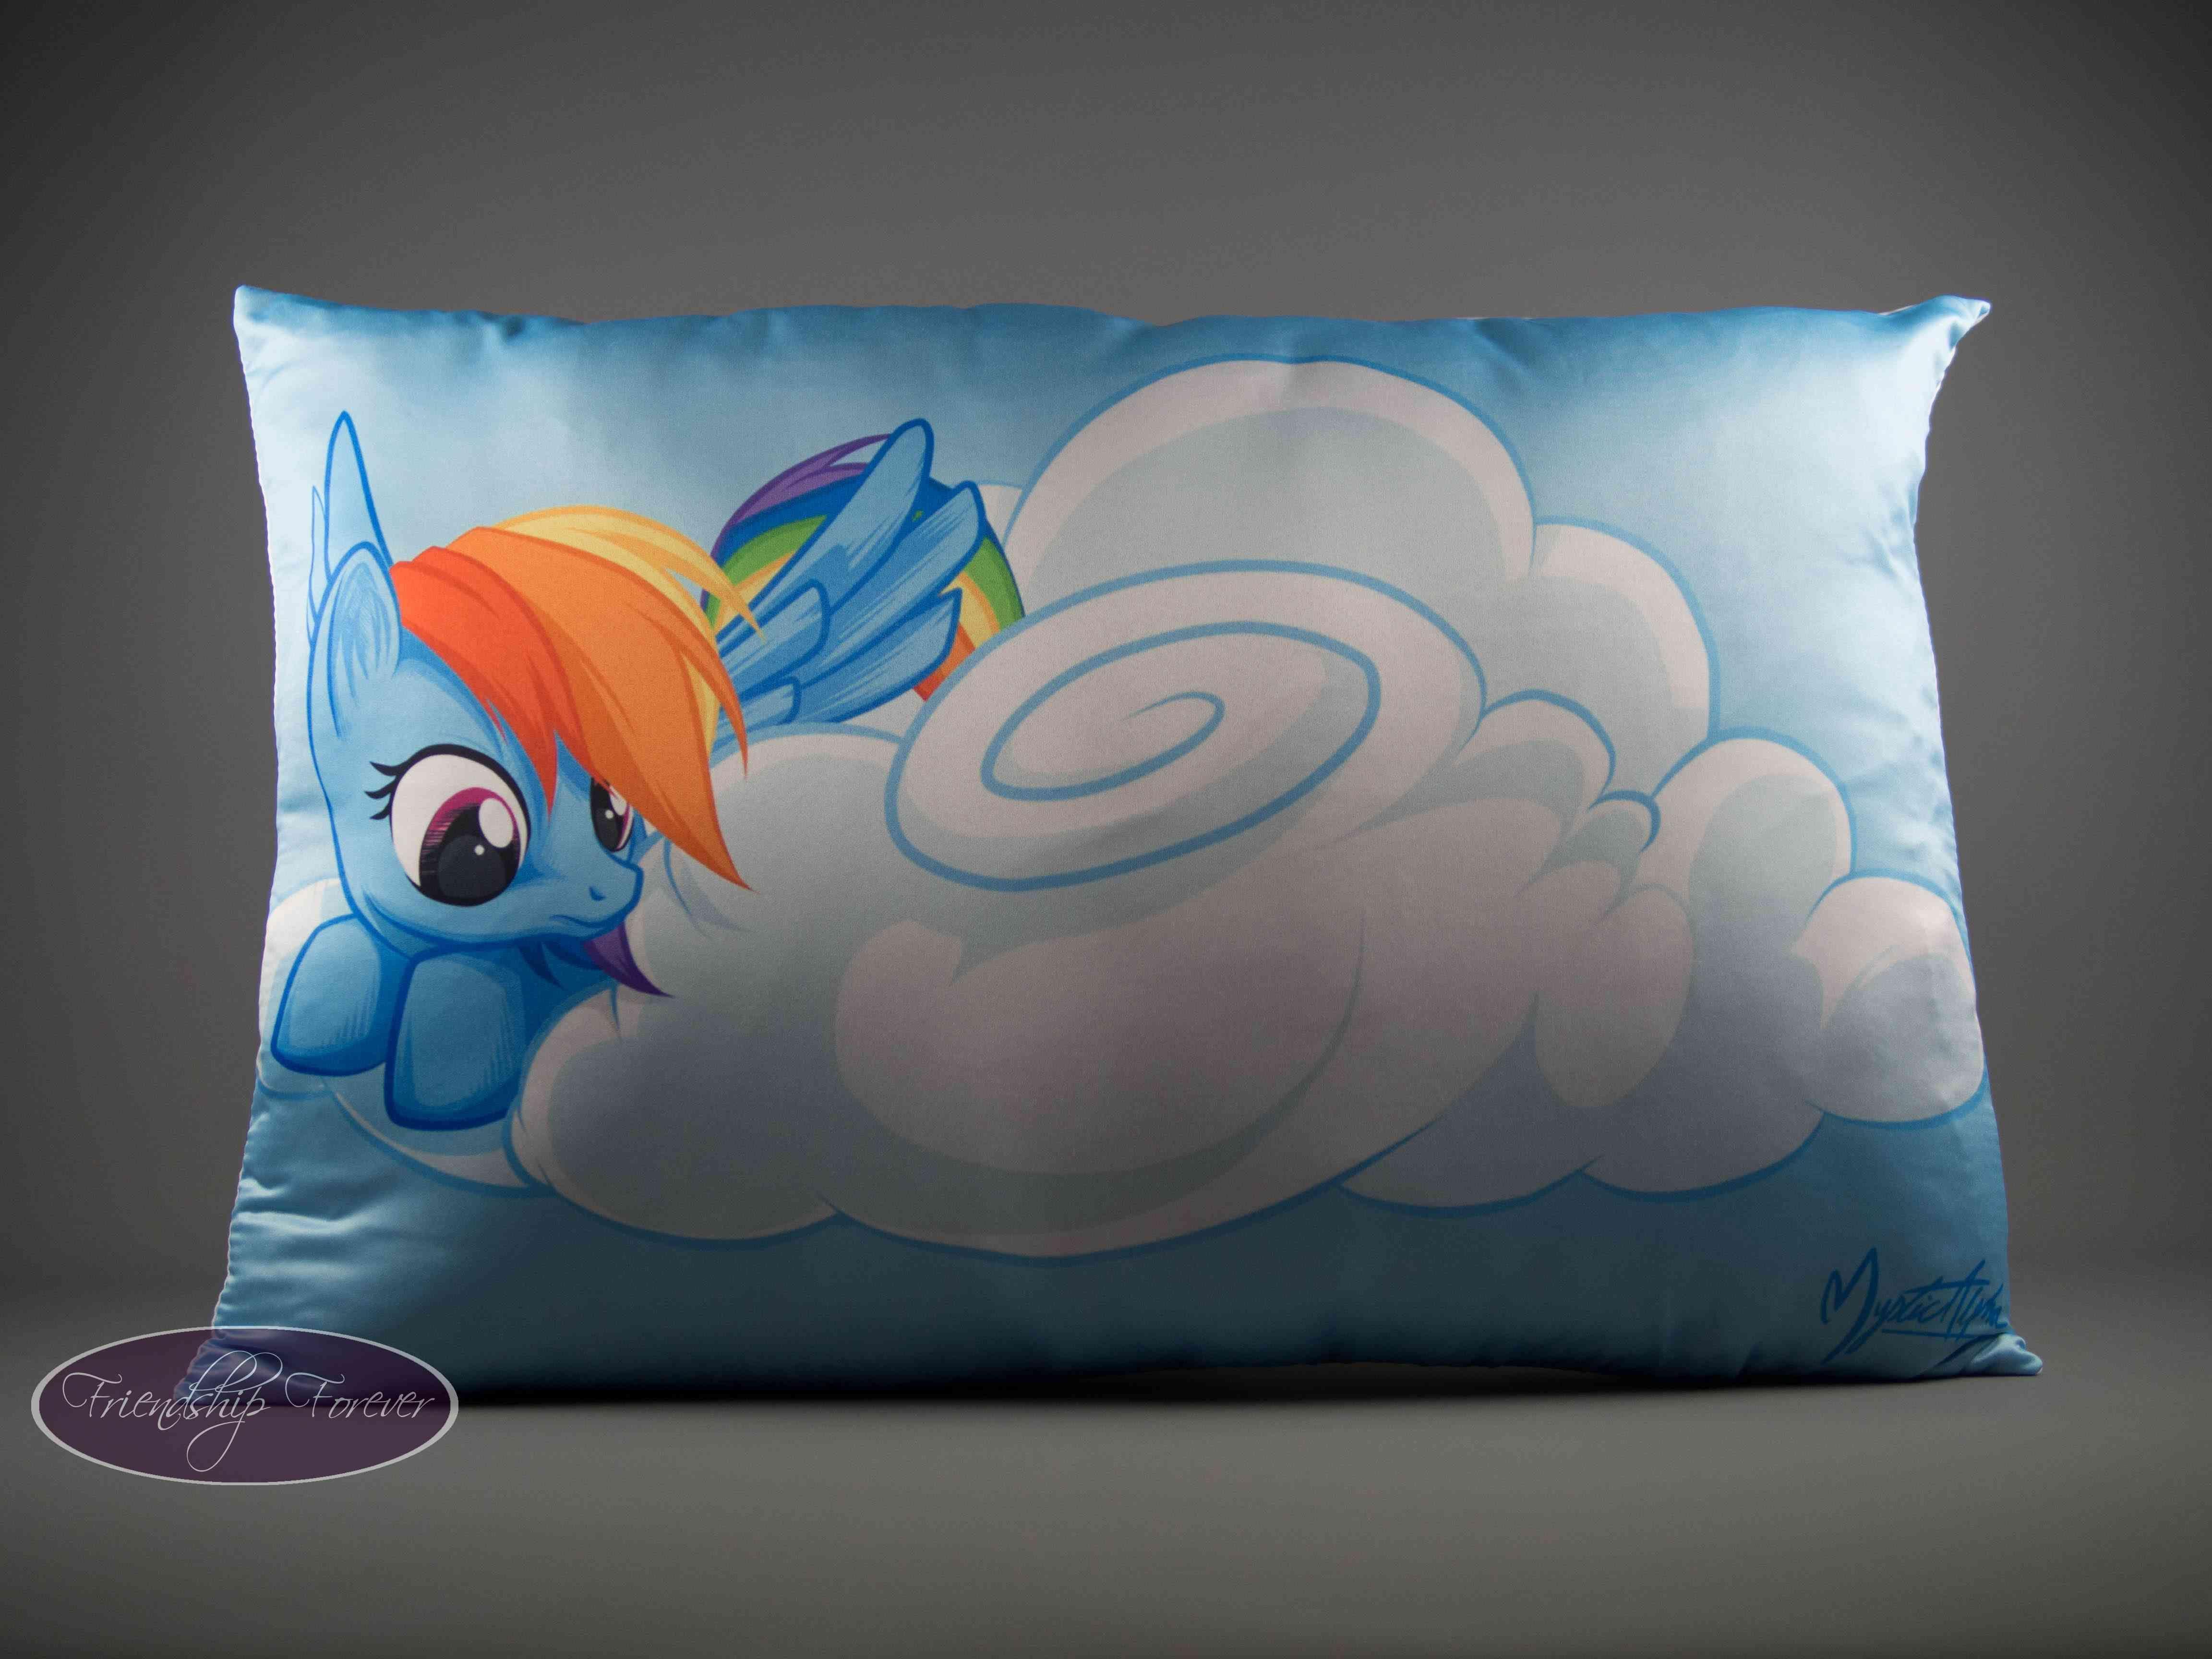 Little Pony Princess Luna Big Pillow Case